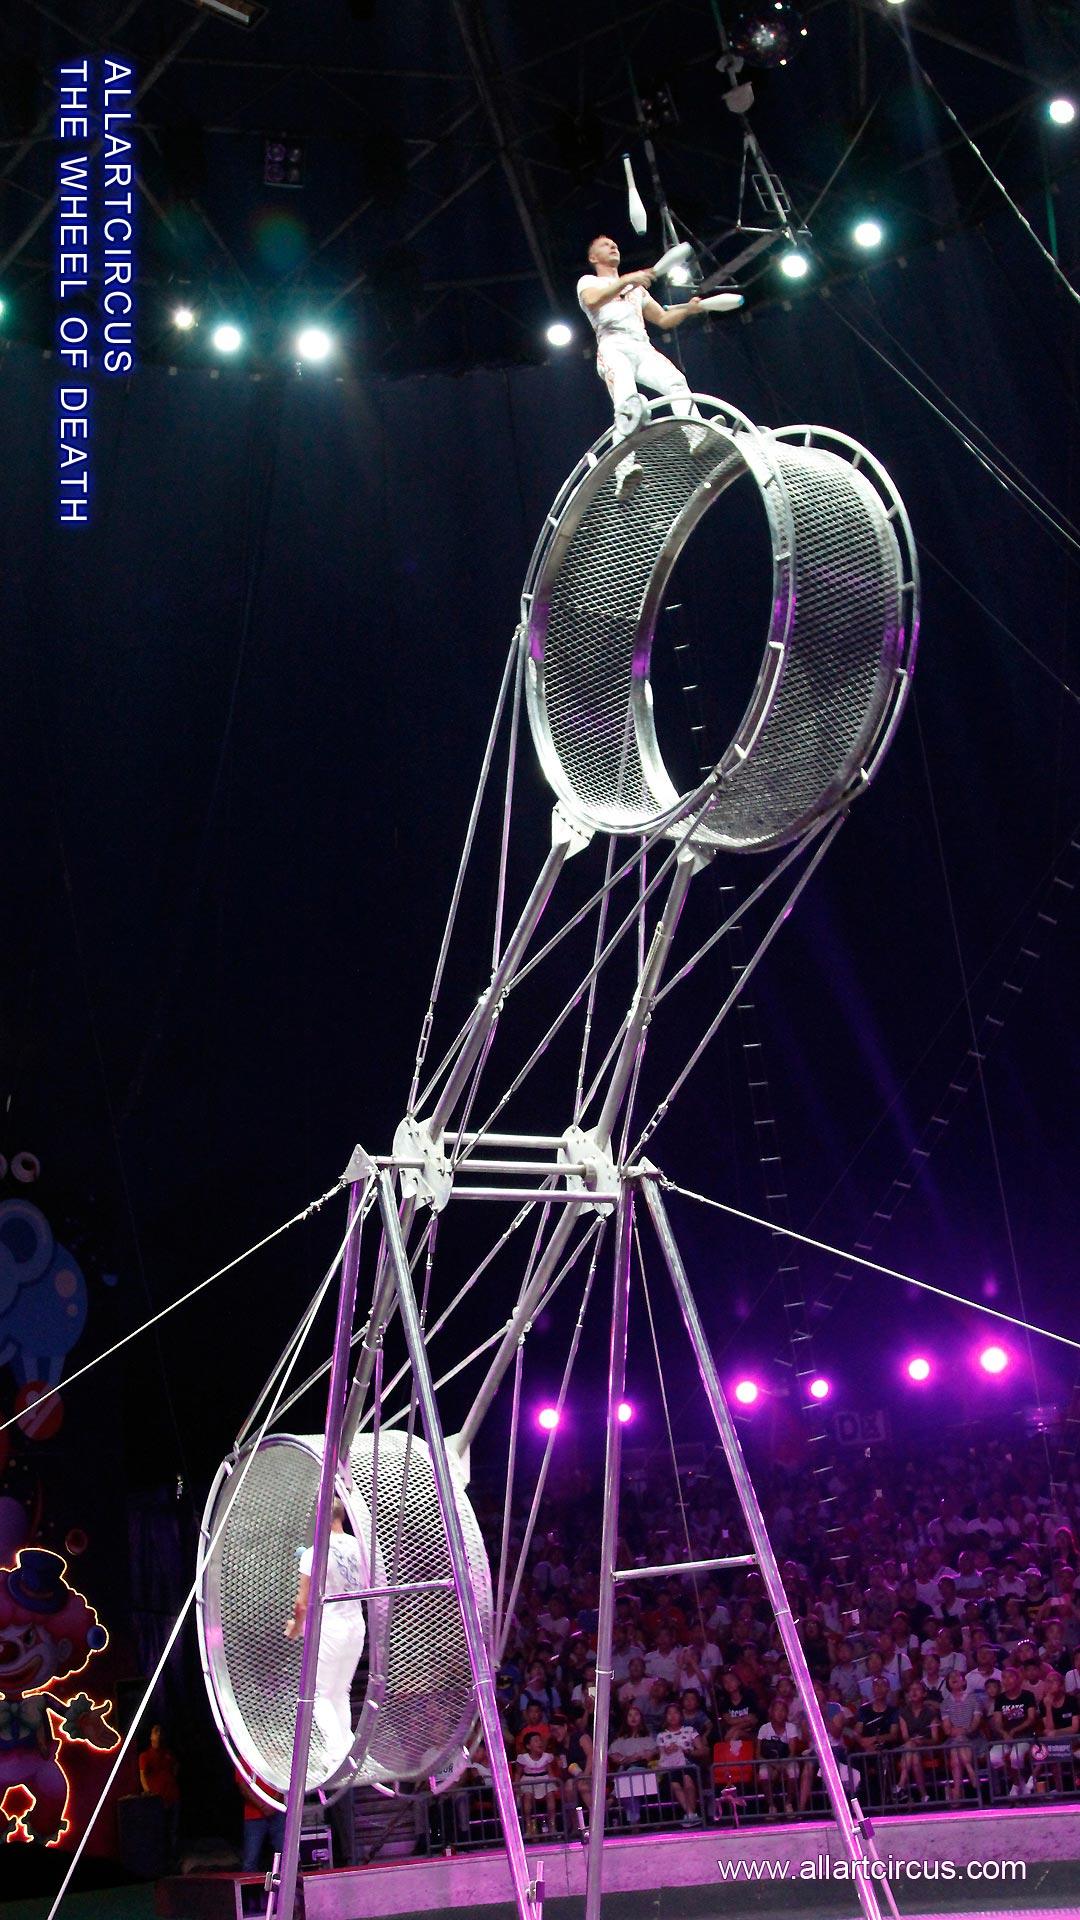 最恐怖的表演——死亡飞轮